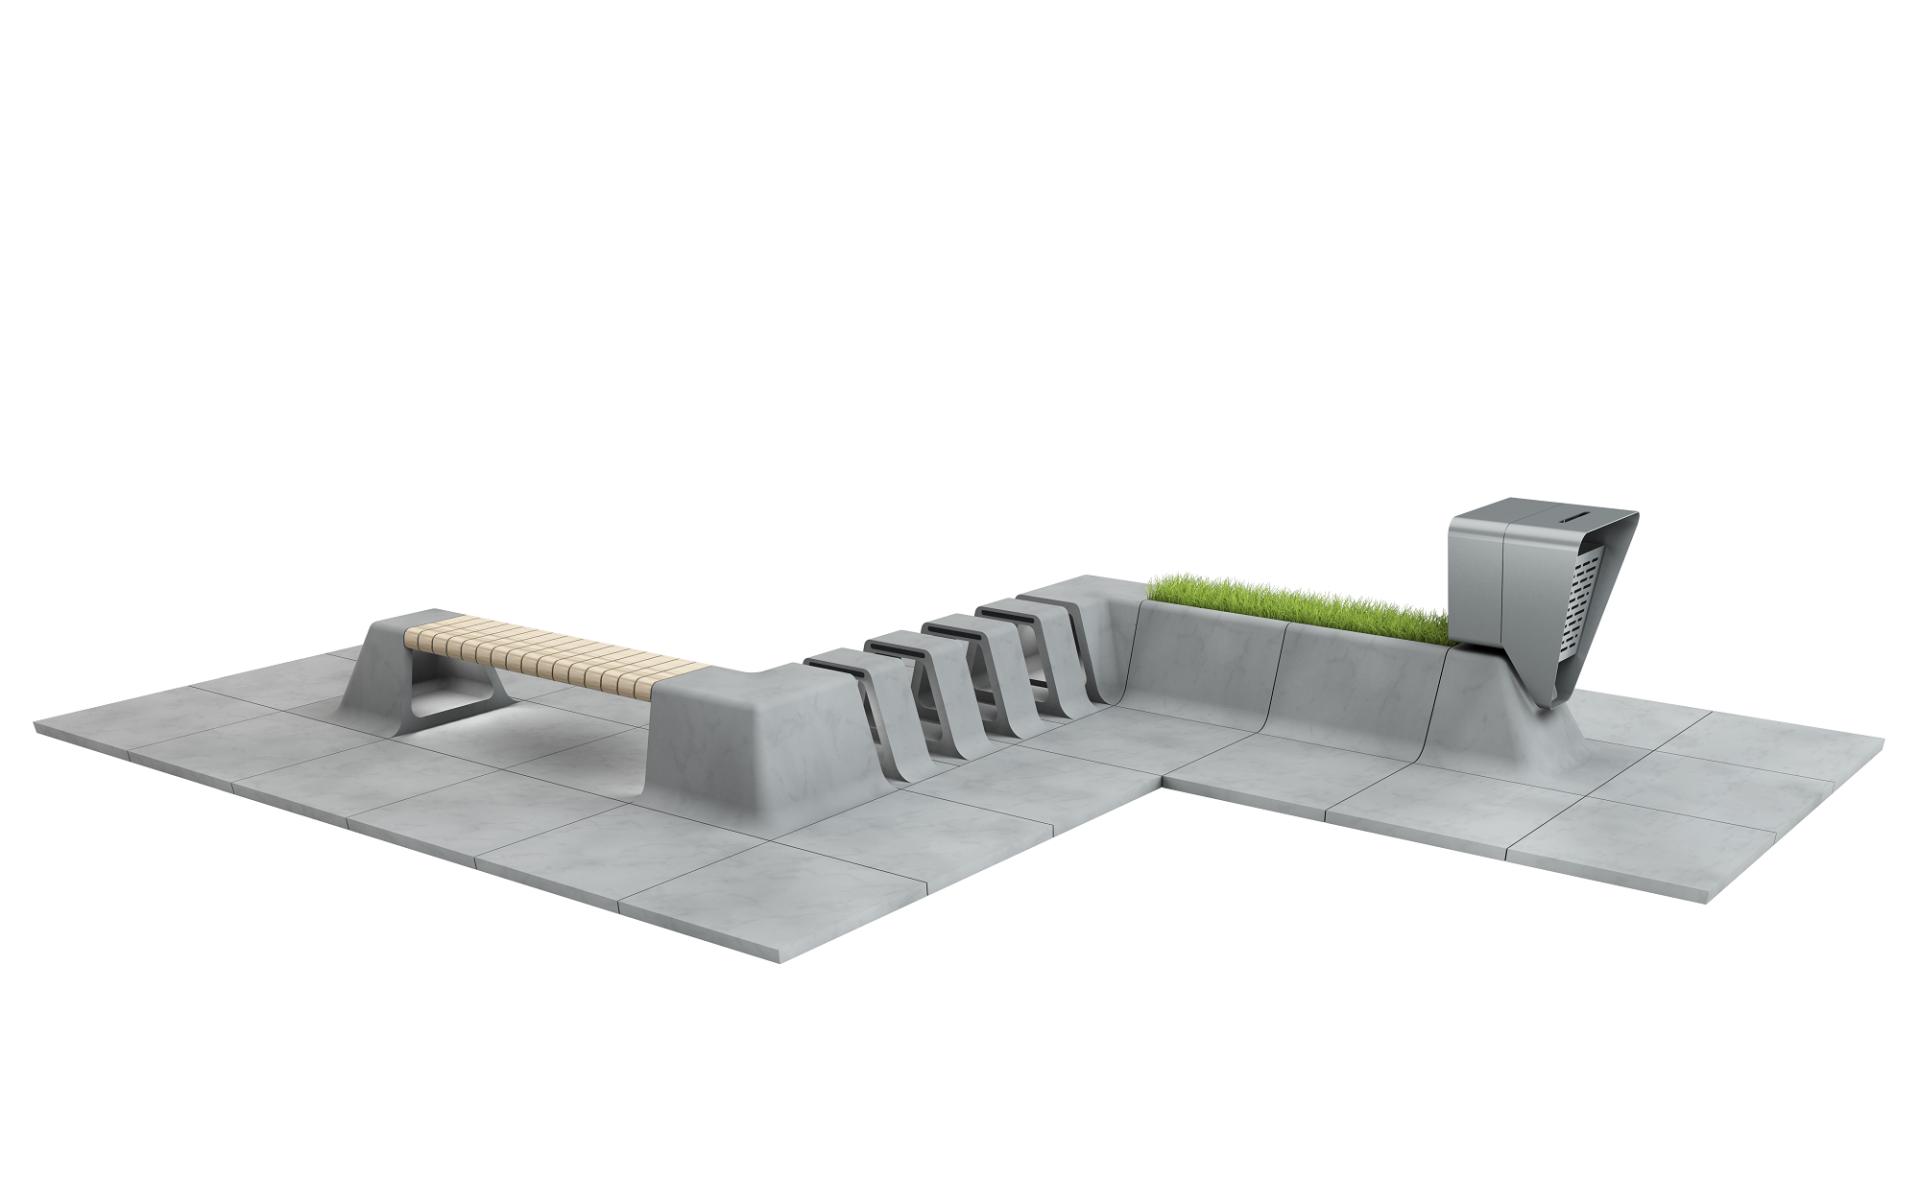 Městský mobiliář a dlažba slide 6